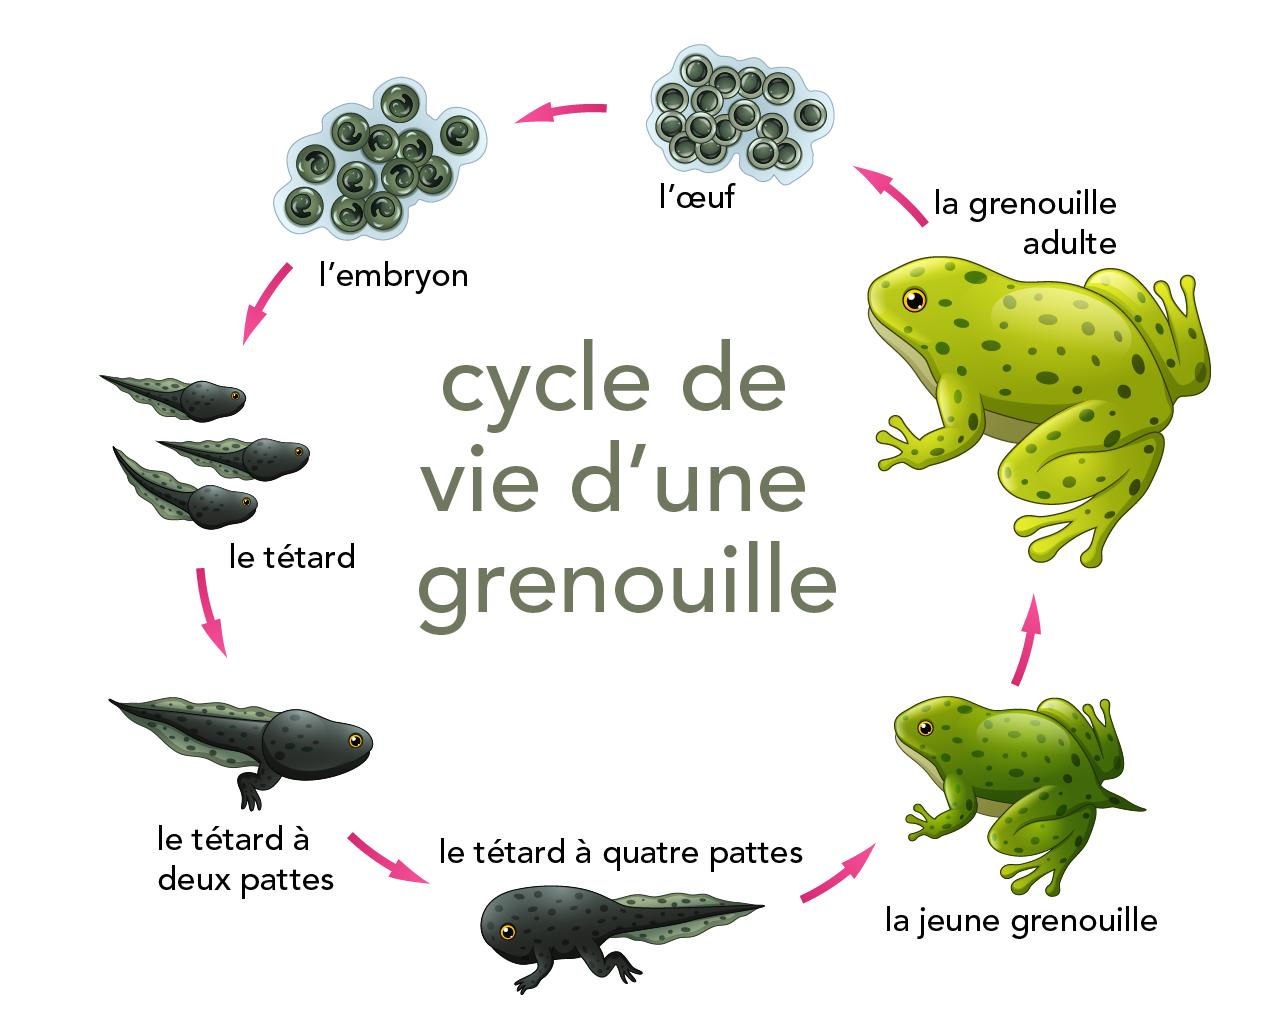 Cycles De Vie Des Animaux | Parlons Sciences serapportantà Cycle De Vie Grenouille